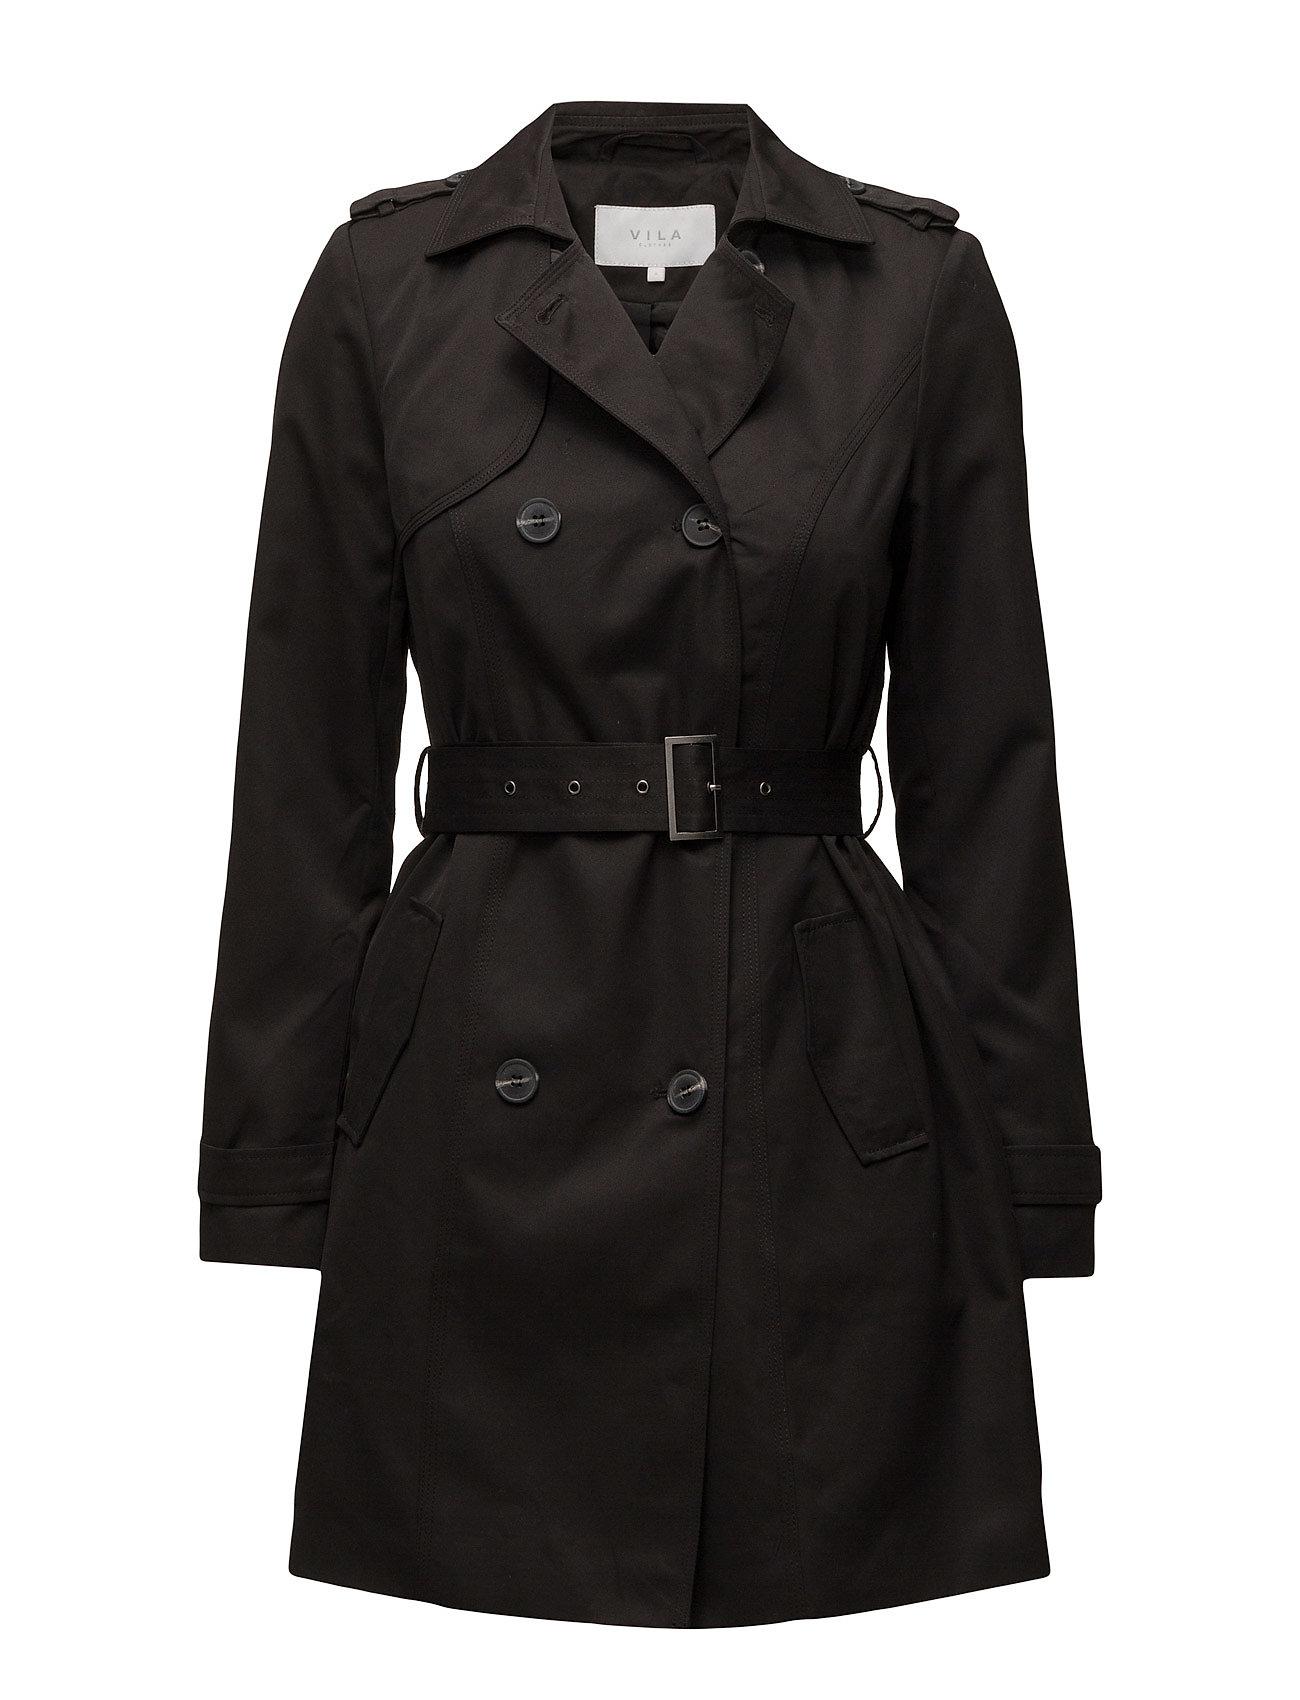 Vithree Long Trenchcoat-Noos Vila Coats